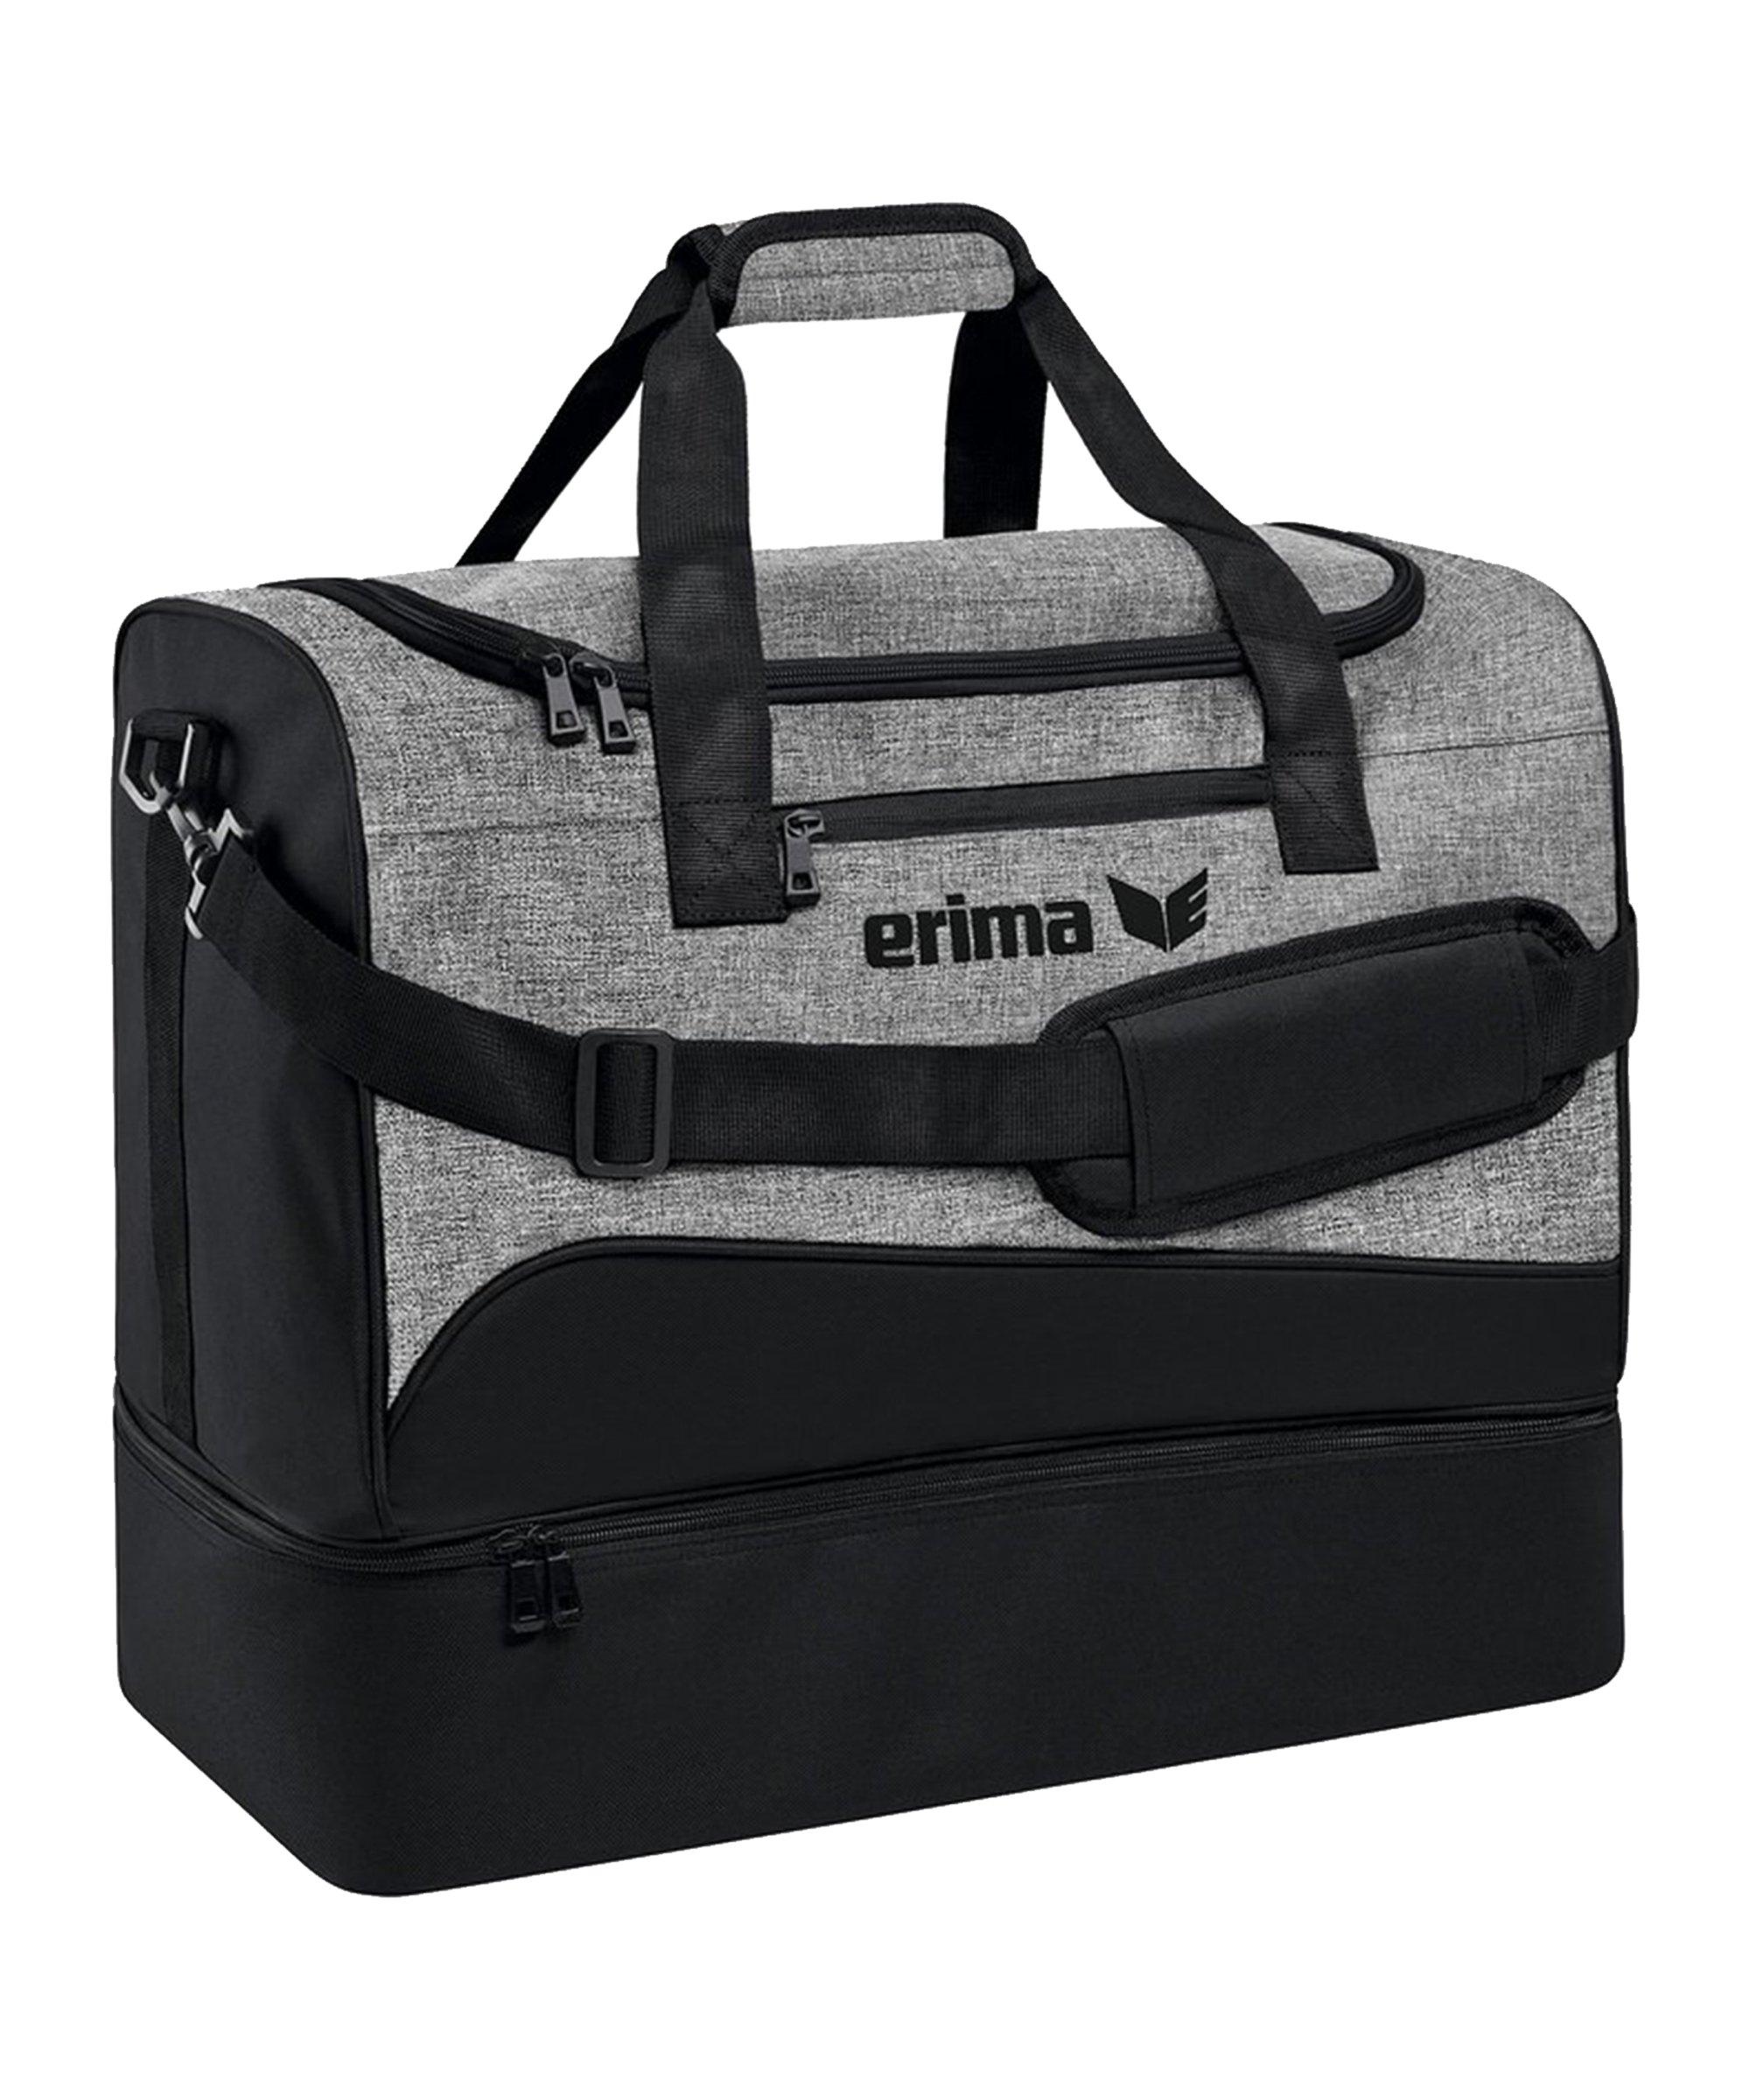 Erima Club 1900 Tasche mit Bodenfach Gr. S Schwarz - schwarz